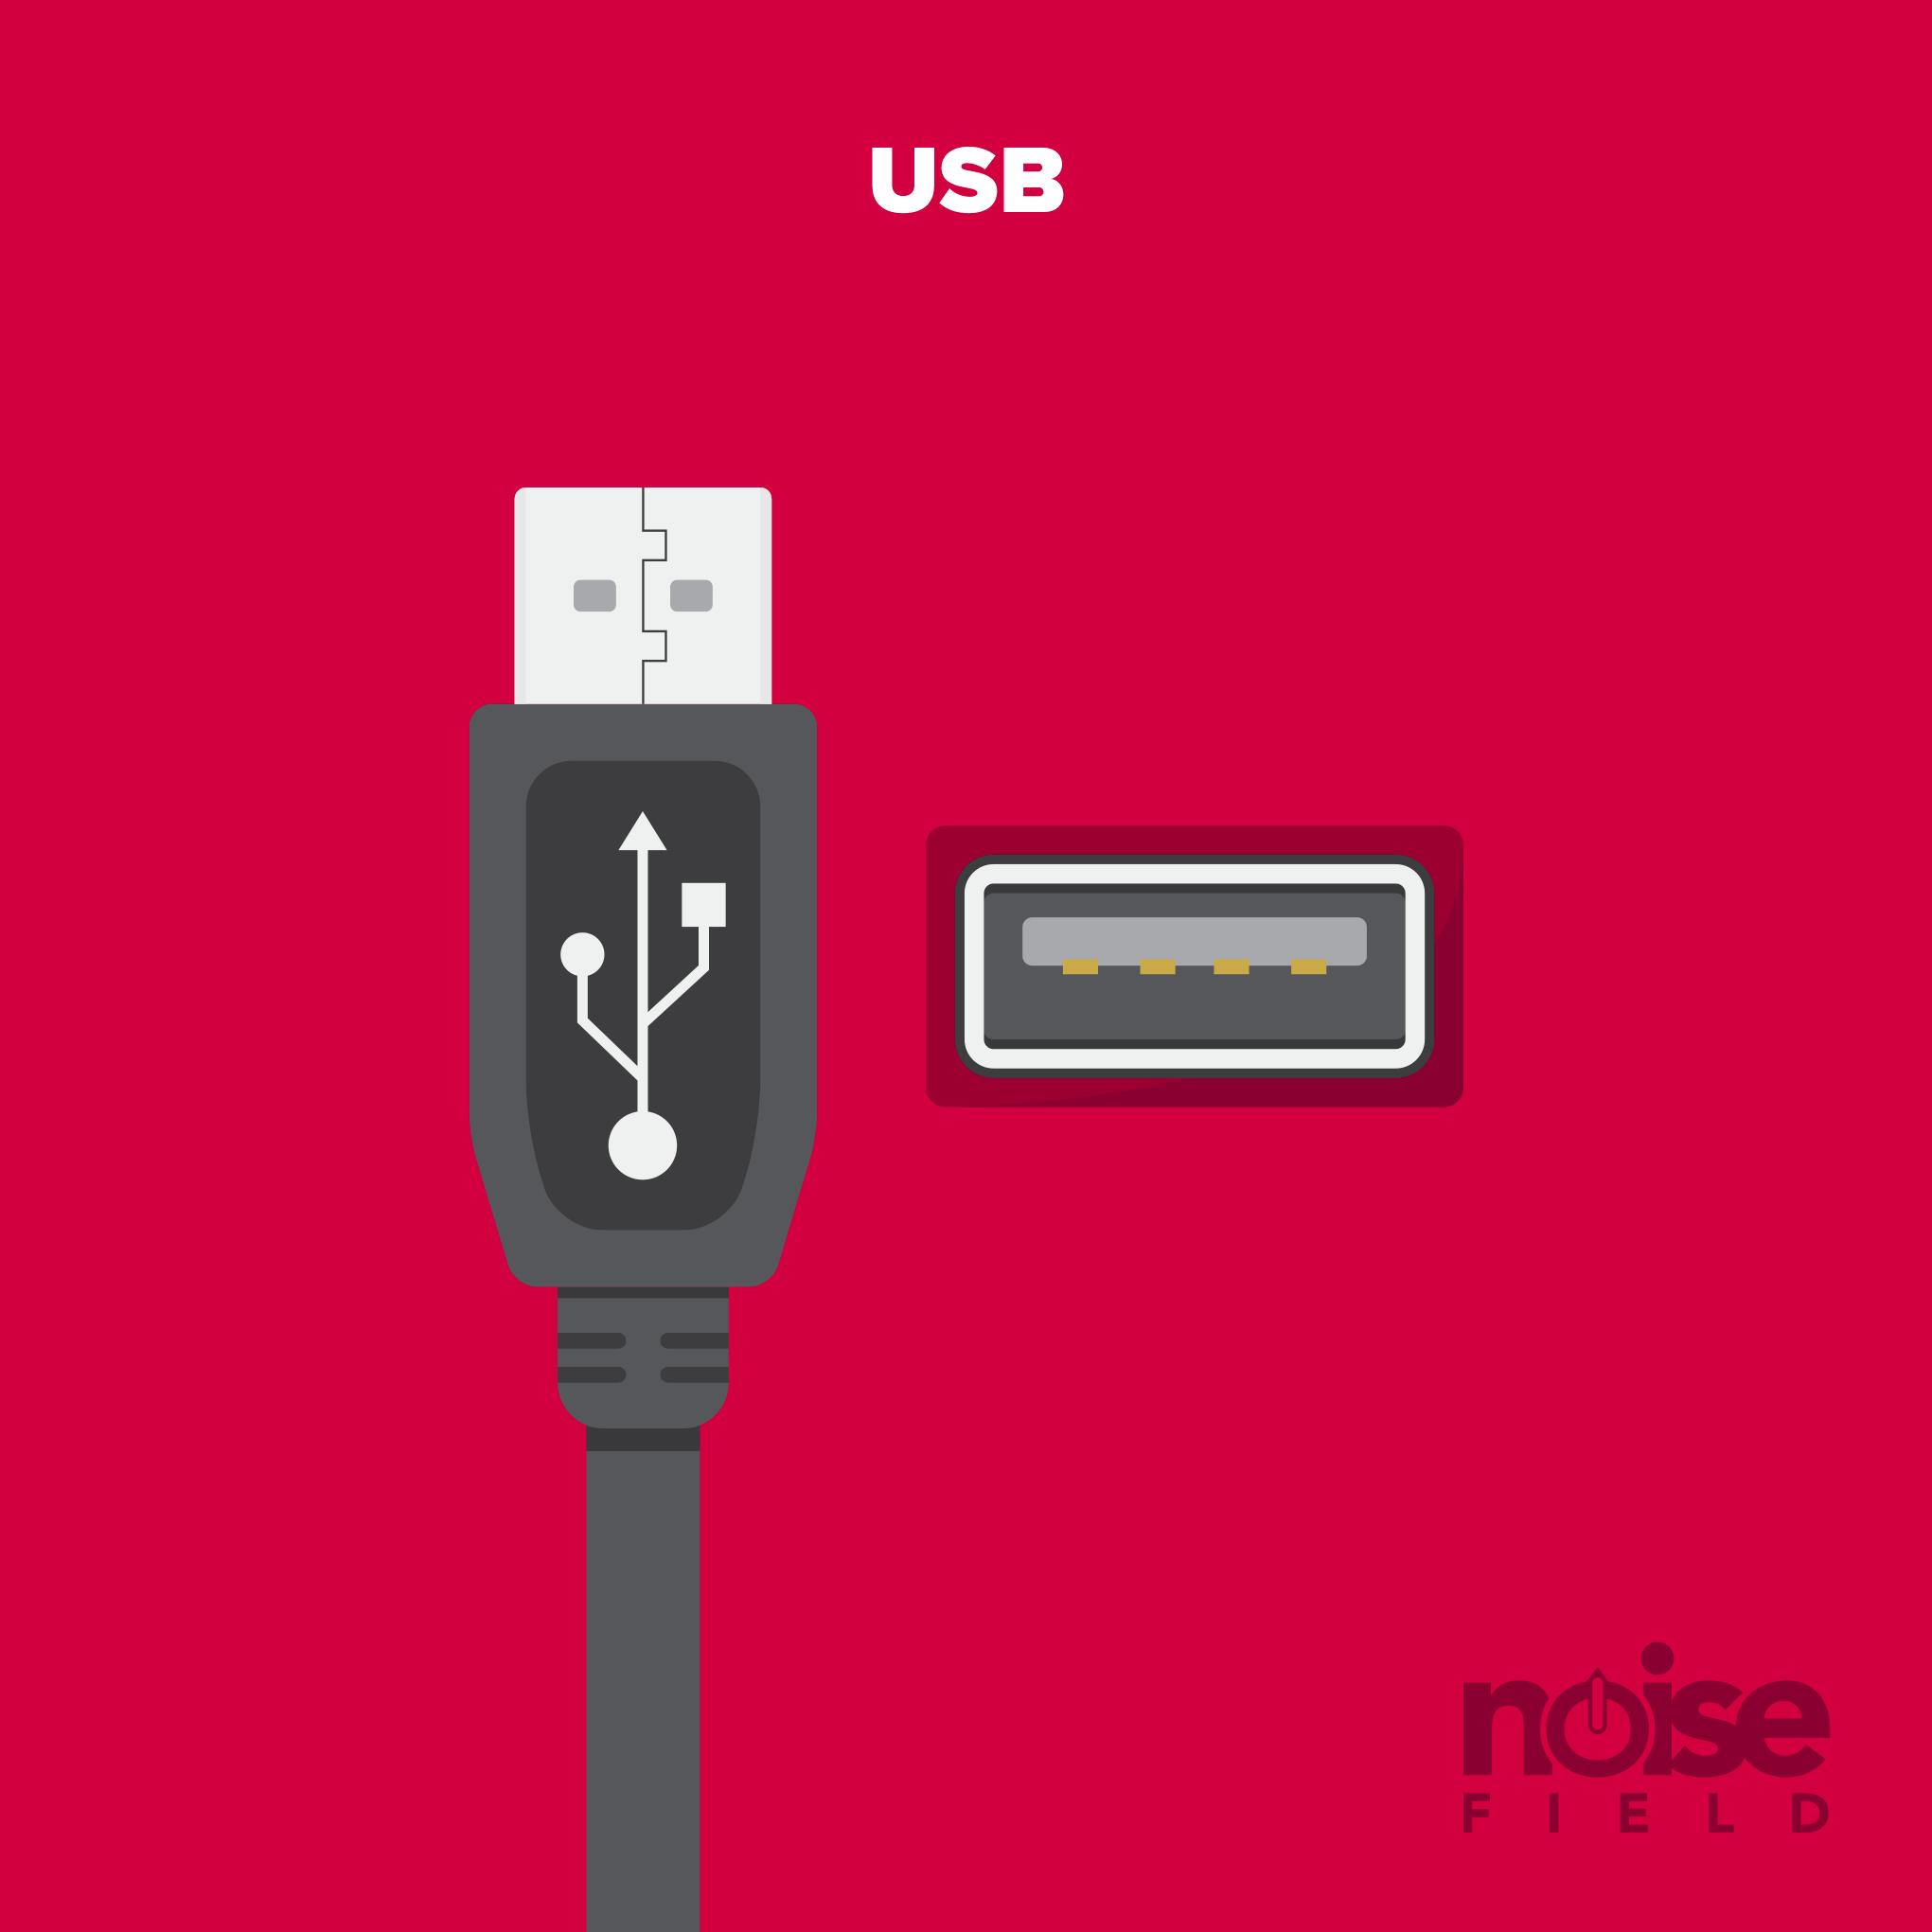 USB 2.0 Illustration Vector Audio Interface